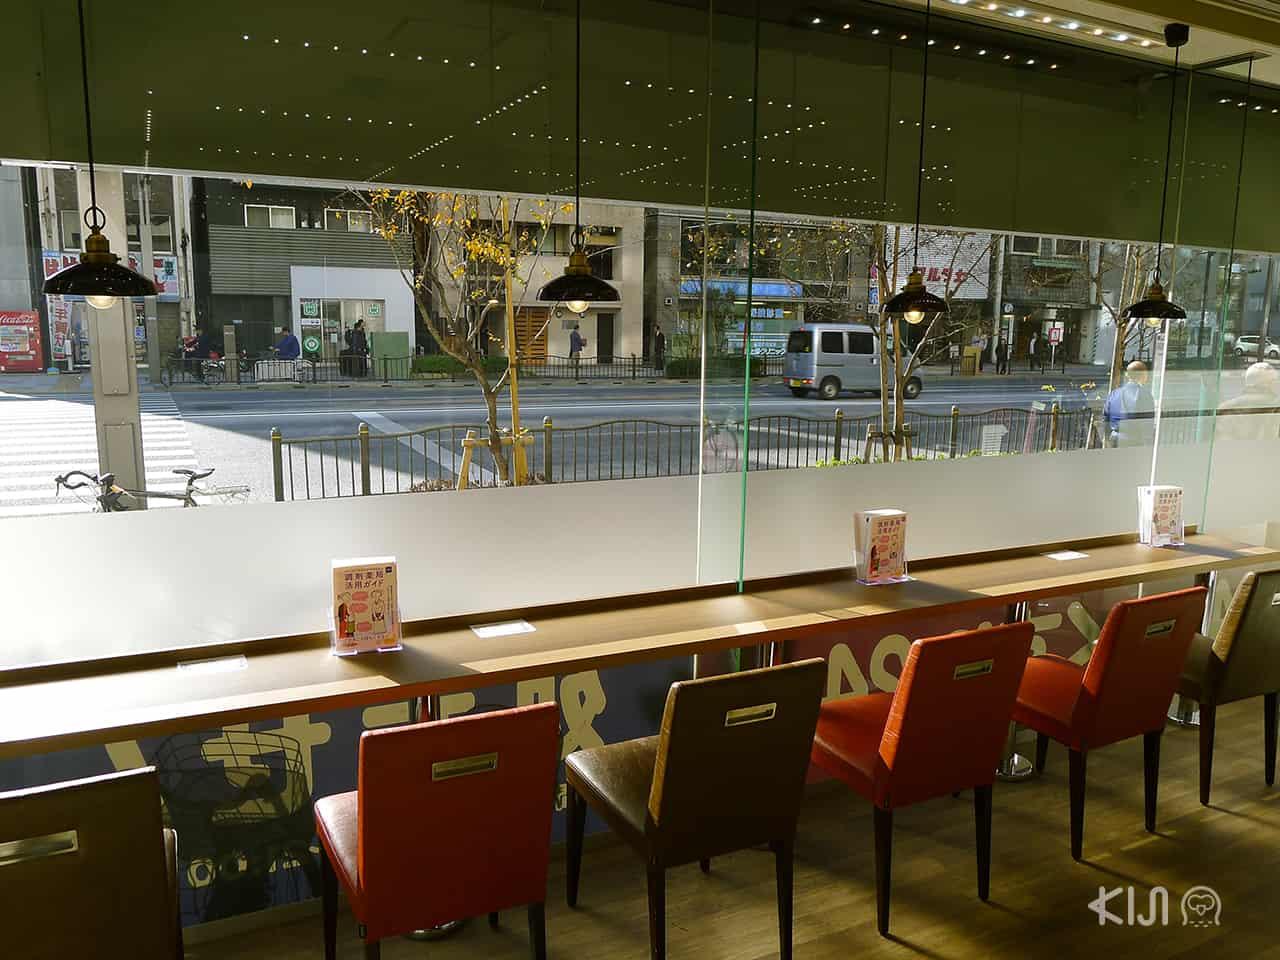 7 เรื่องที่ทำในญี่ปุ่นได้ง่าย : หาของกินได้ง่ายในเชนร้านอาหารเร่งด่วน